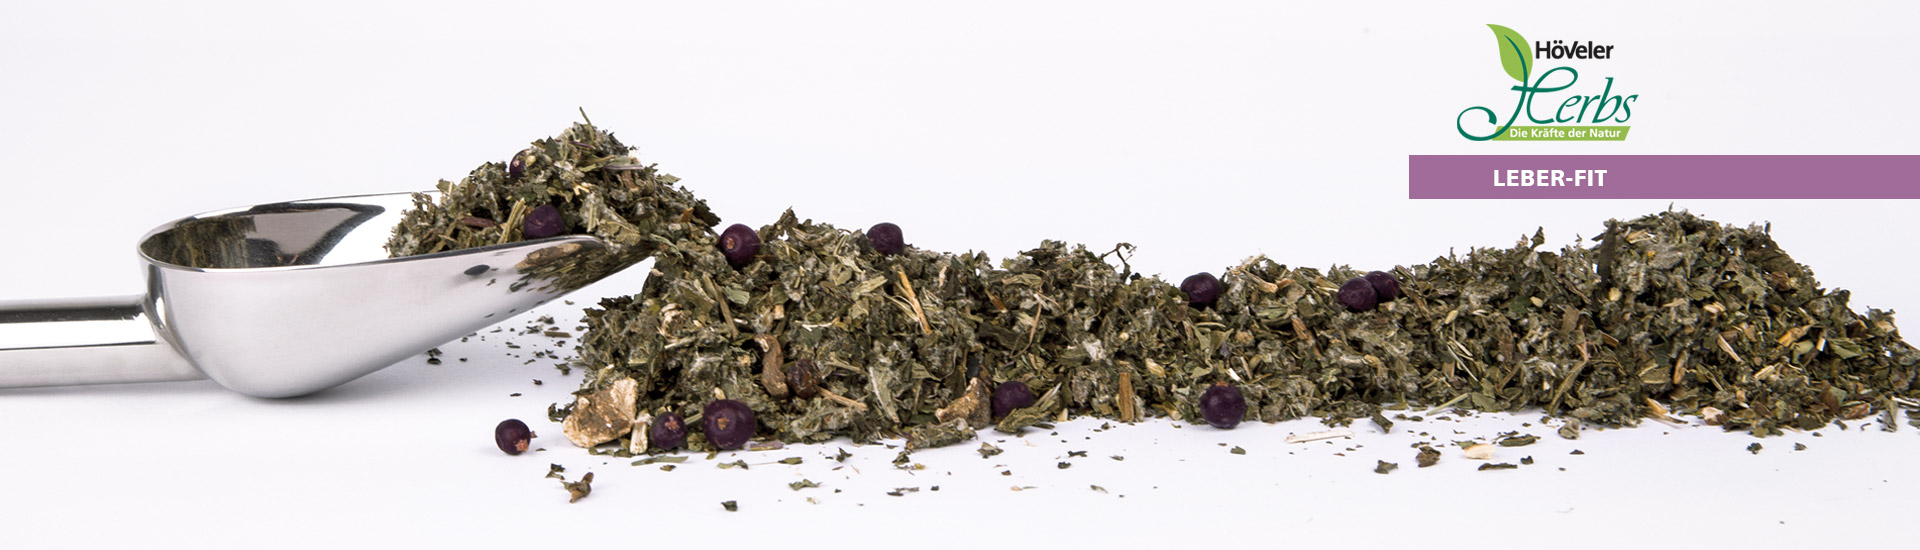 Höveler Herbs - Leber-Fit